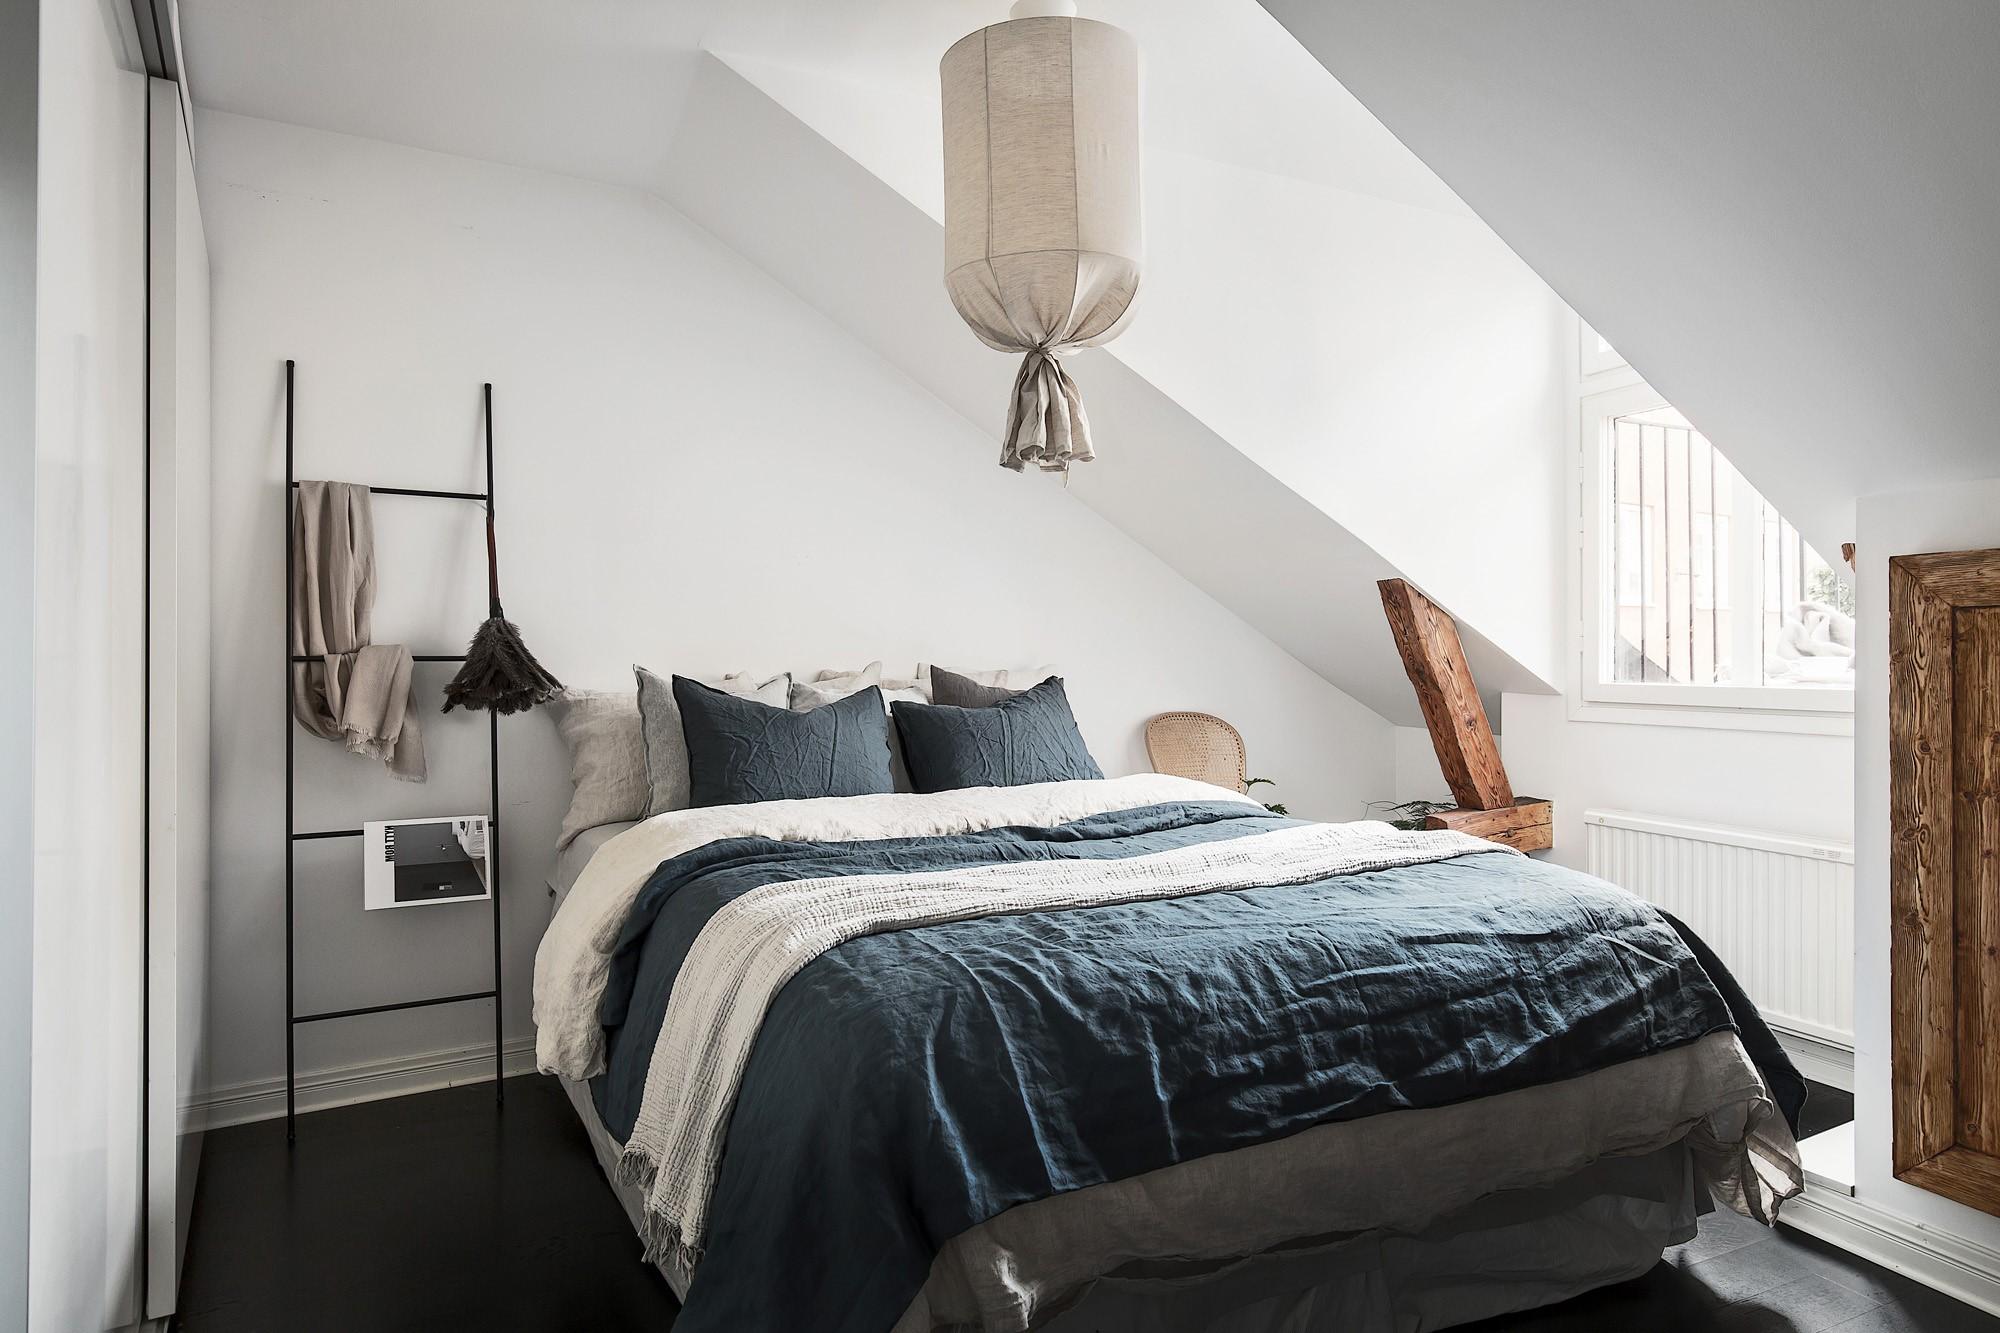 Si vous décidez de transformer votre chambre sous comble en chambre à coucher, profitez-en avec des draps confortables et une lumière suspendue.